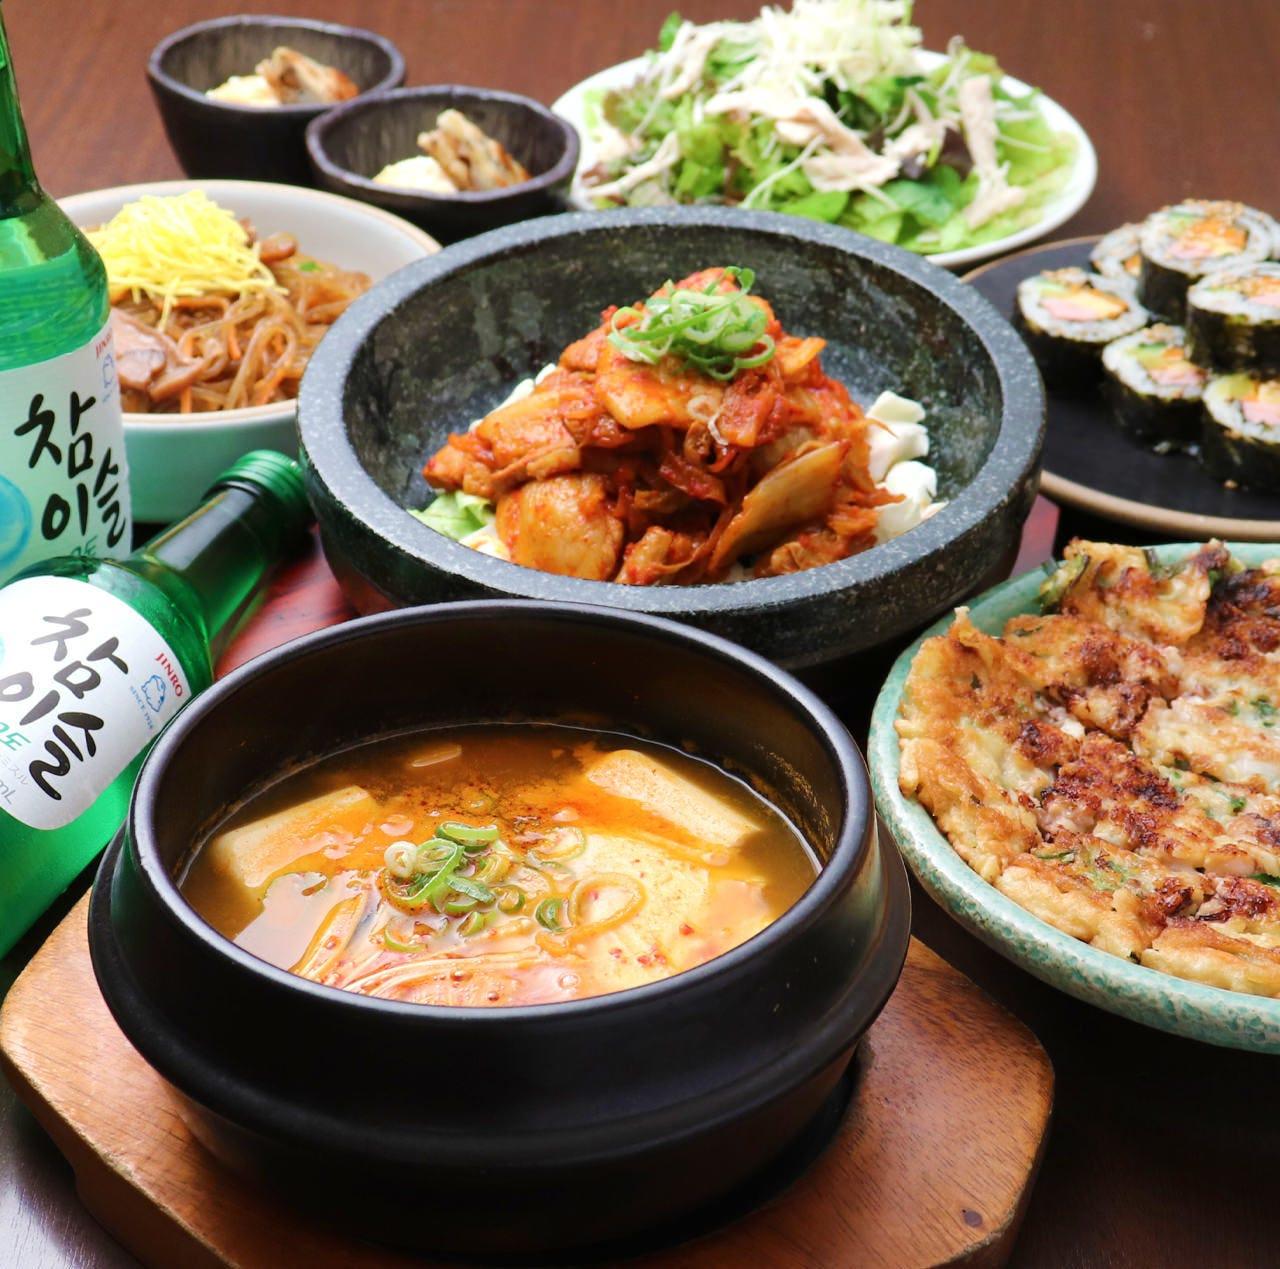 定番韓国料理を一度に楽しめるコースメニュー登場♪